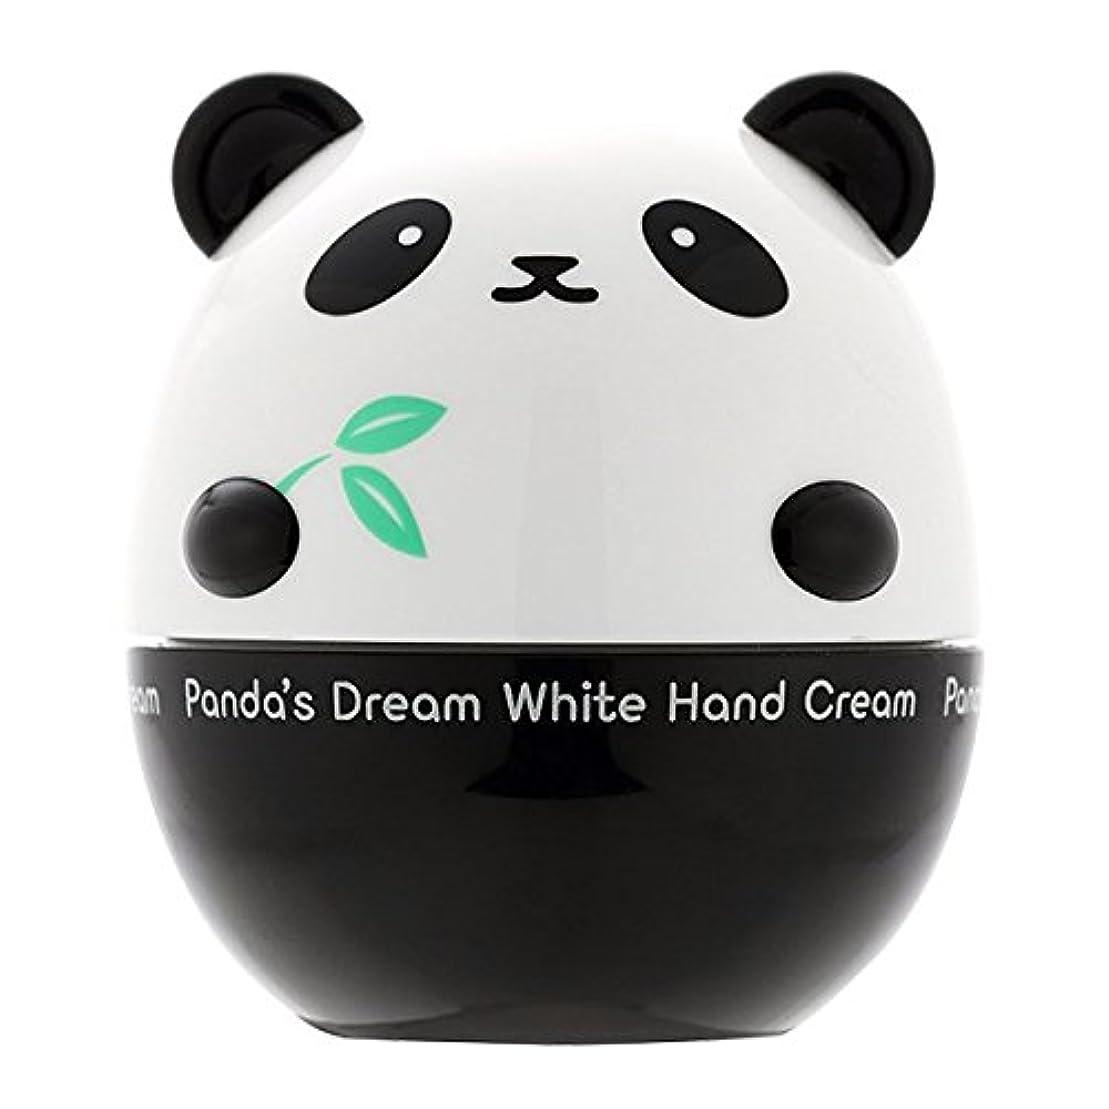 カーテンカッターランドリーTONYMOLY パンダのゆめ ホワイトマジッククリーム 50g Panda's Dream White Magic Cream 照明クリームトニーモリー下地の代わりに美肌クリーム美肌成分含有 【韓国コスメ】トニーモリー